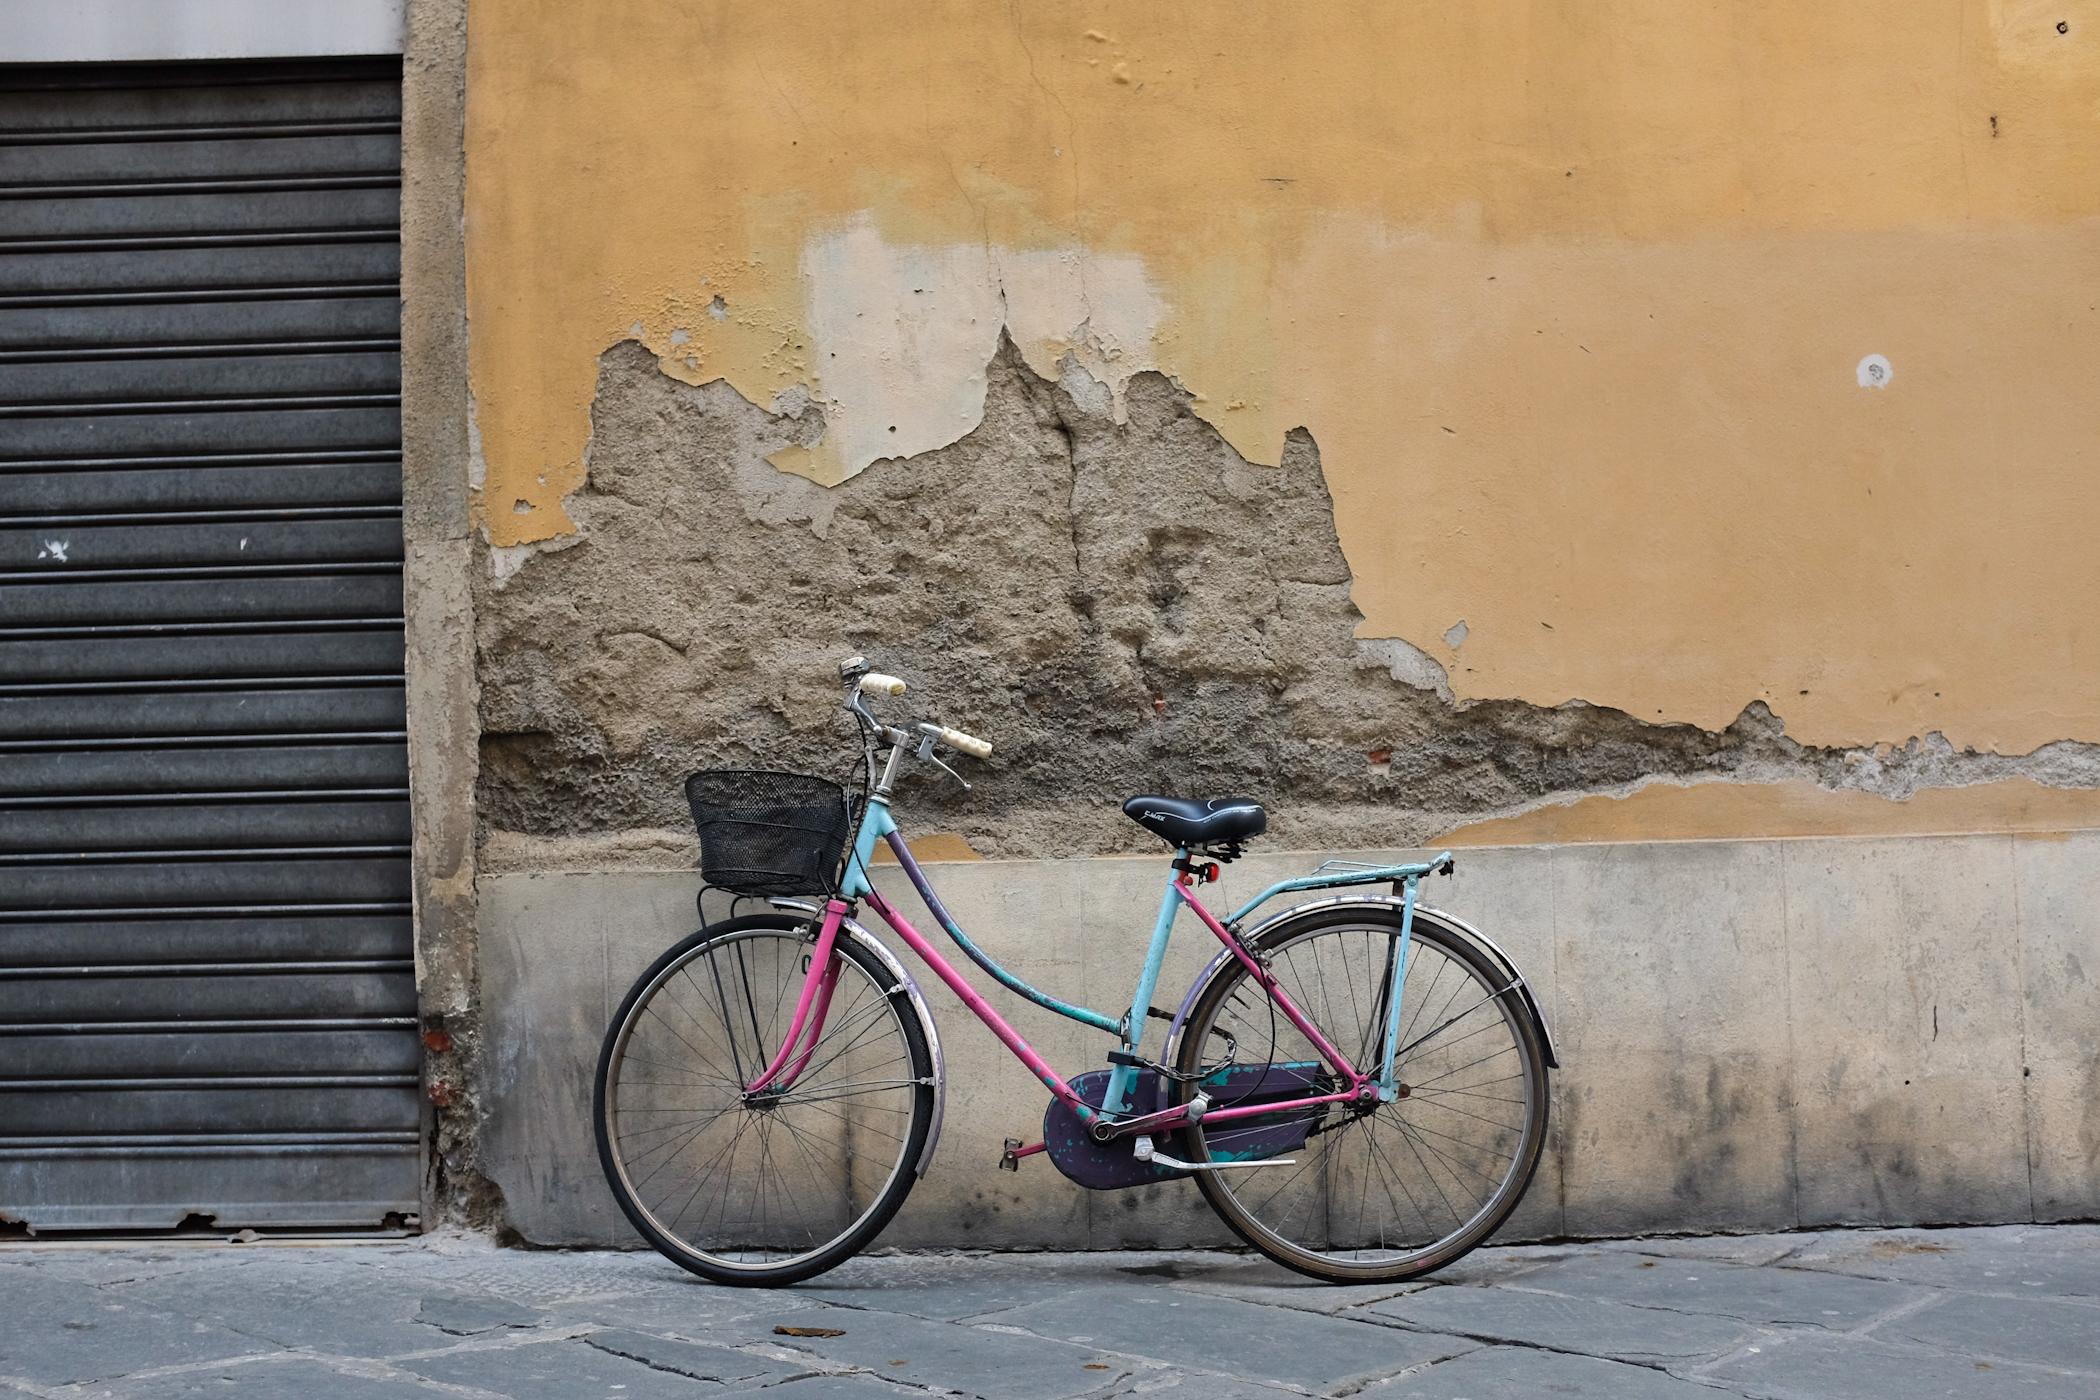 palermo bicicletti di firenze jan15-37.jpg